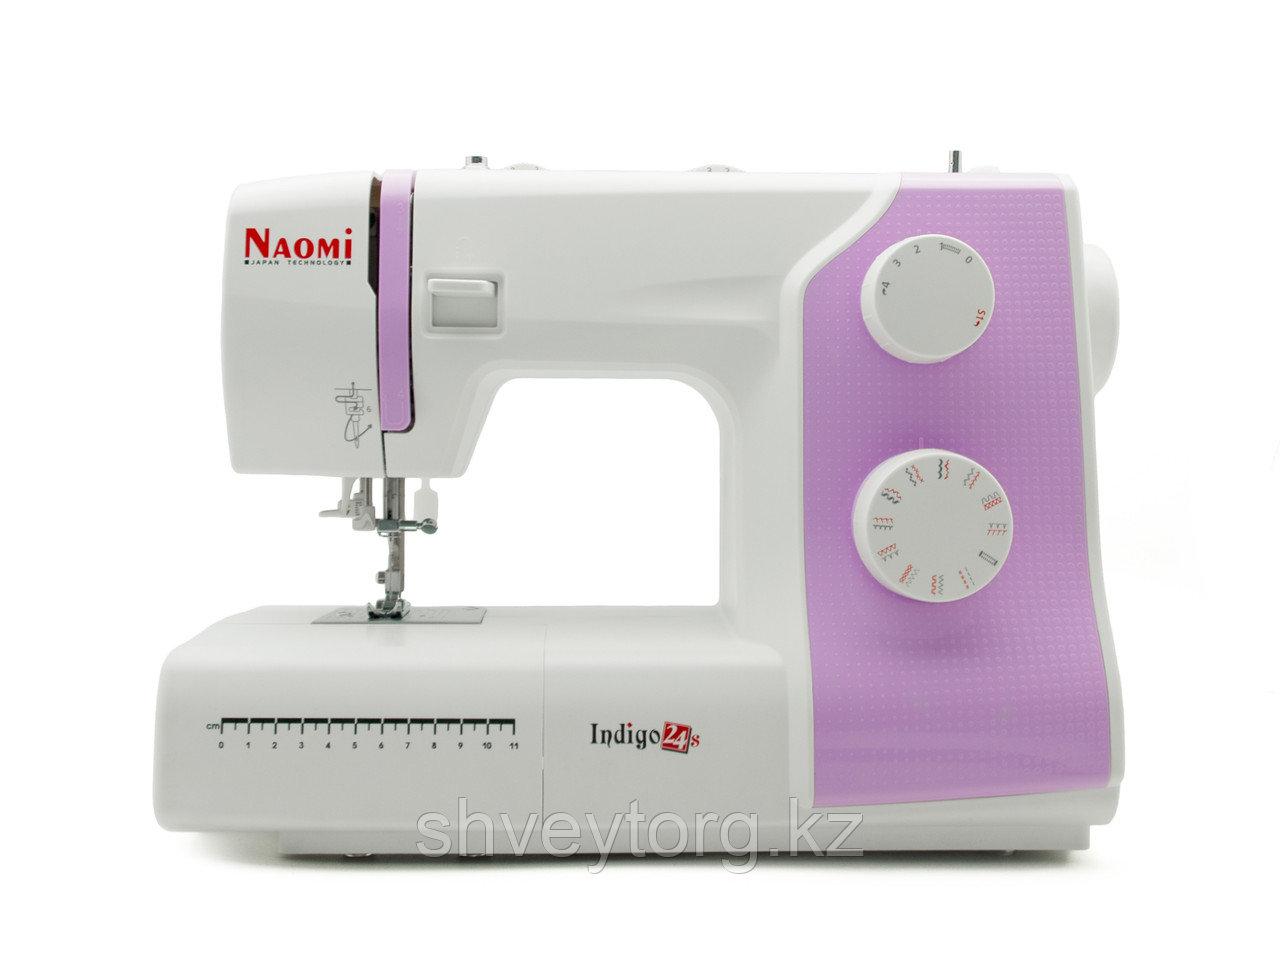 Бытовая швейная машинка  NAOMI INDIGO 24 S